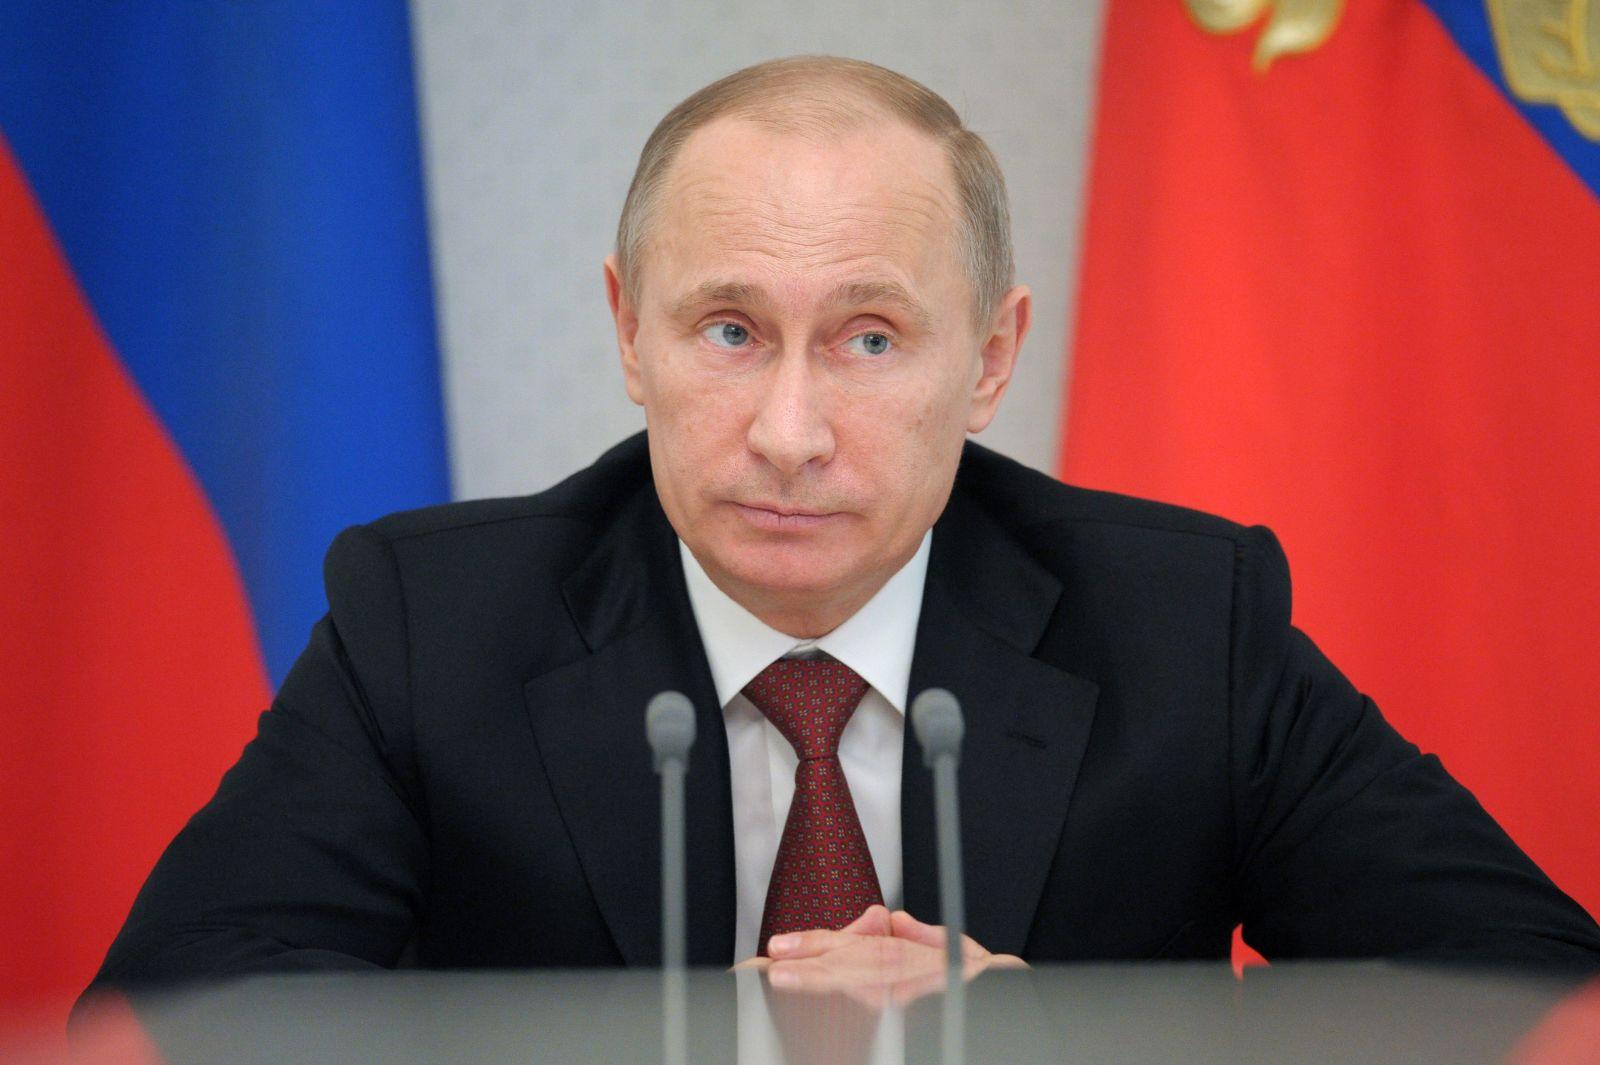 Путин: пока не будет амнистии боевиков, Москва не будет выполнять «Минск-2»